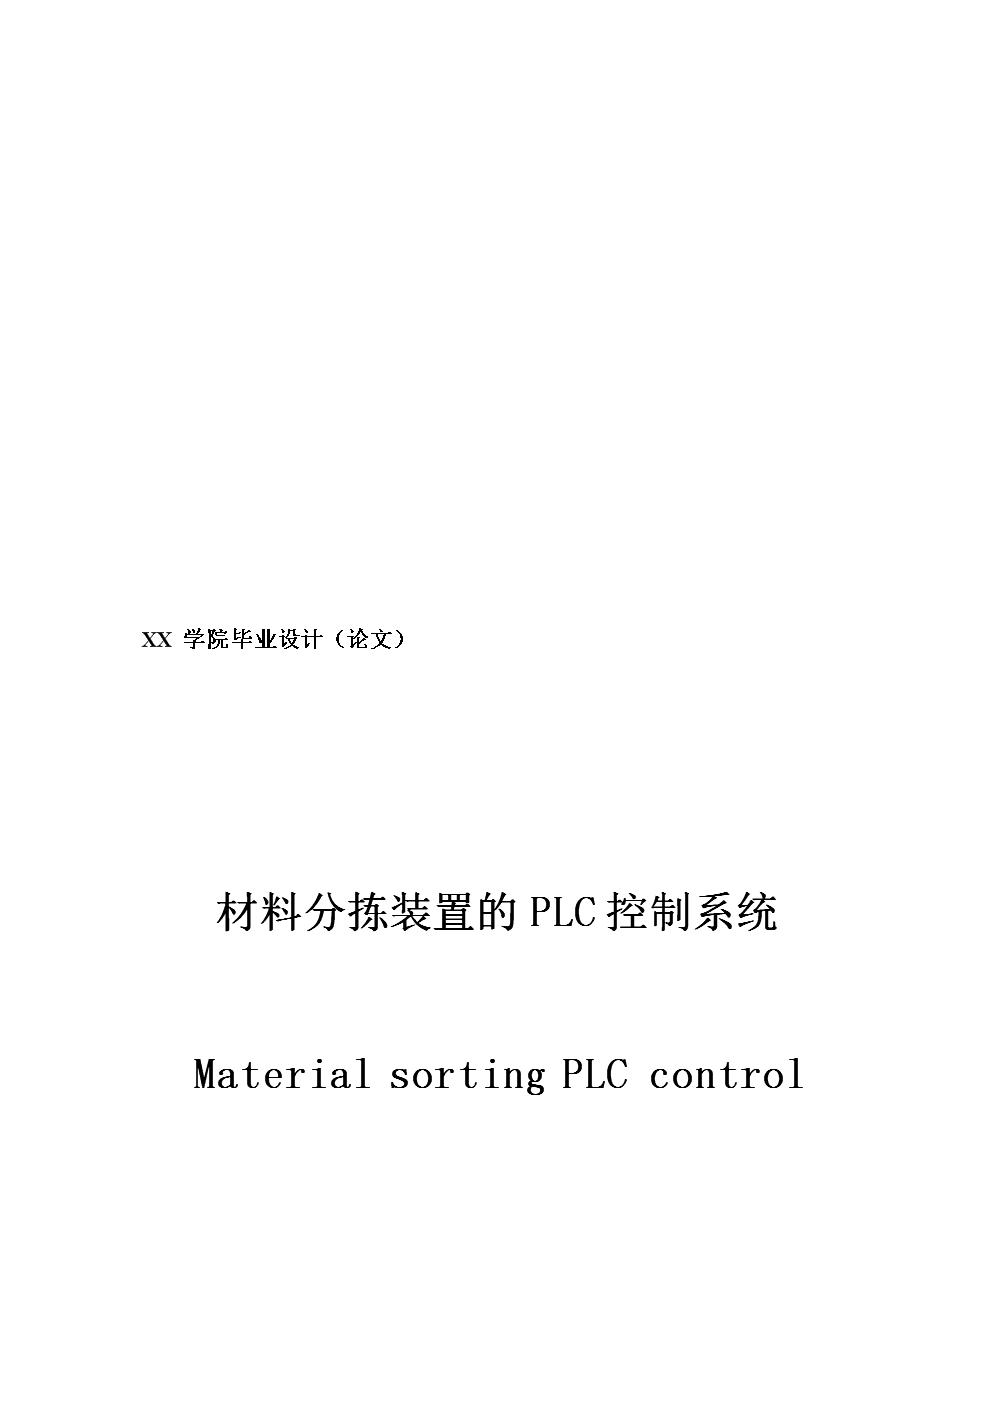 材料分拣装置的plc入控制系统设计成人教育.doc